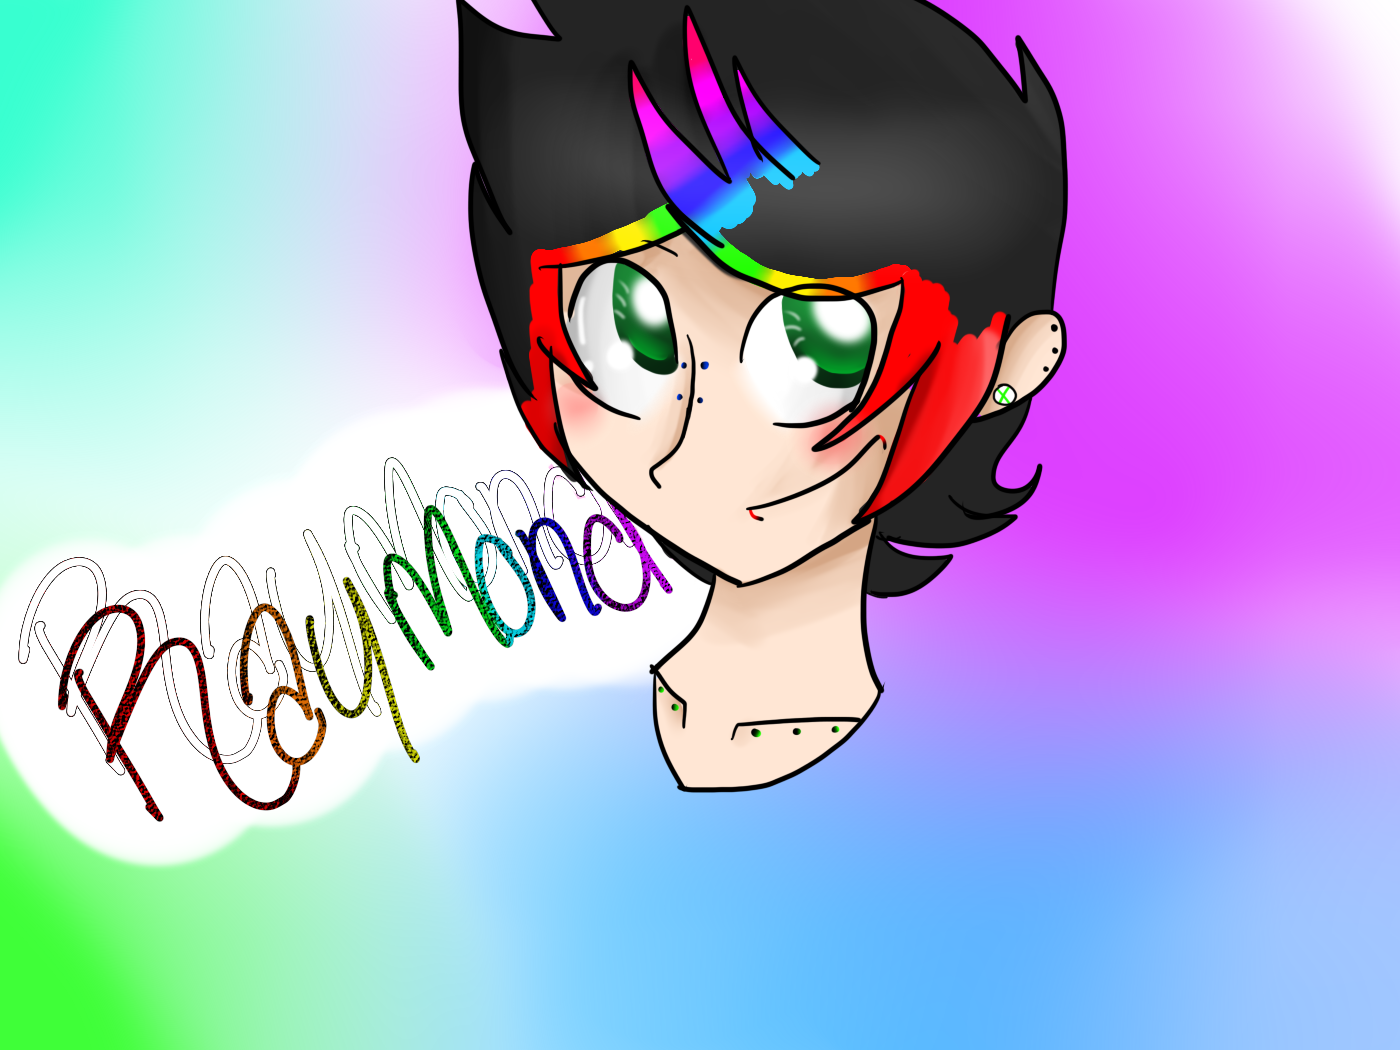 Raymond~